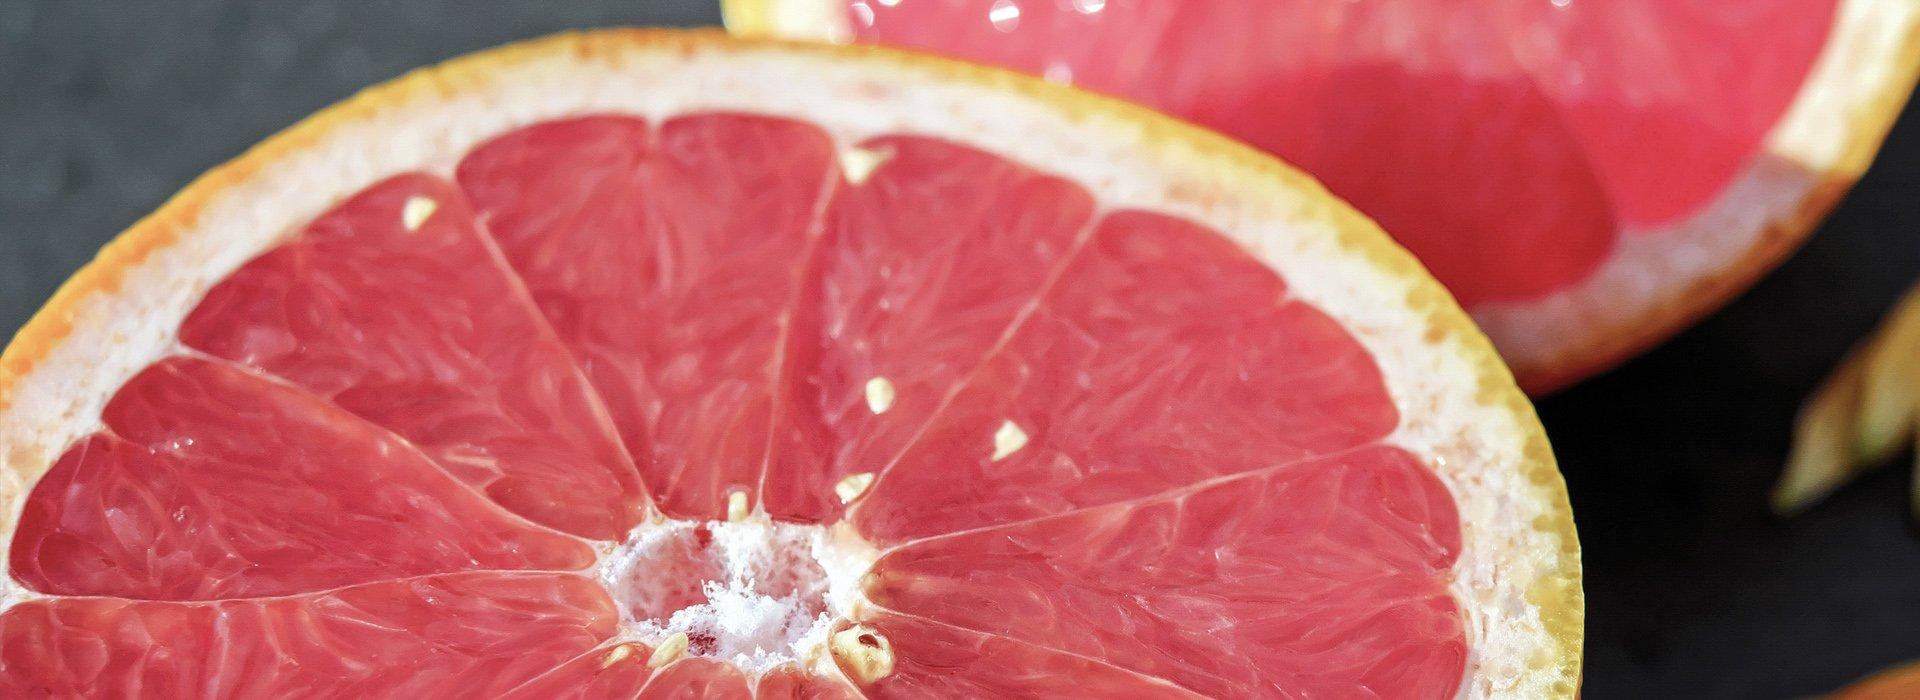 Pompelmo rosa, presente nella granita